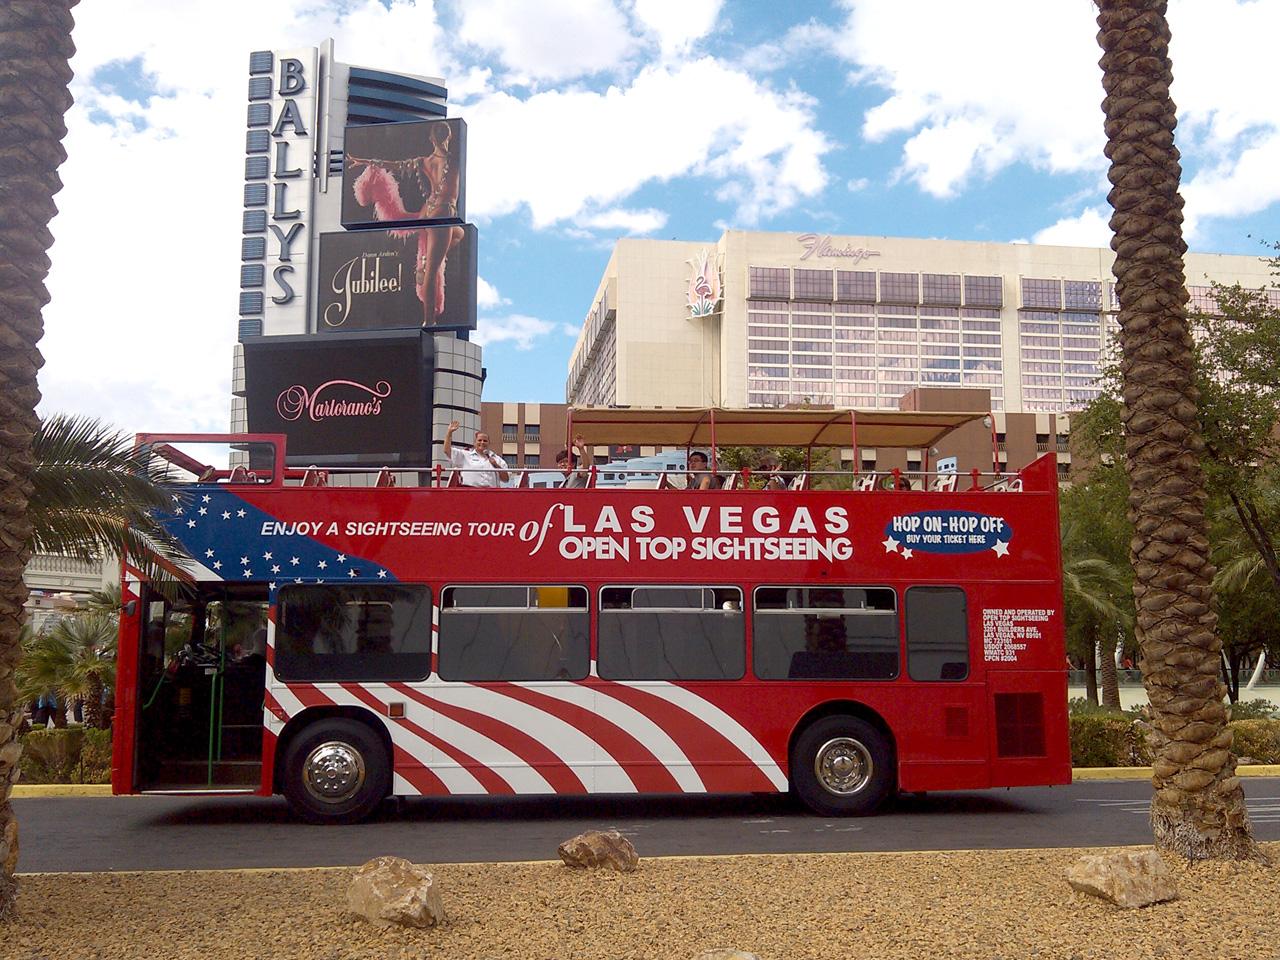 Las Vegas Top Activities